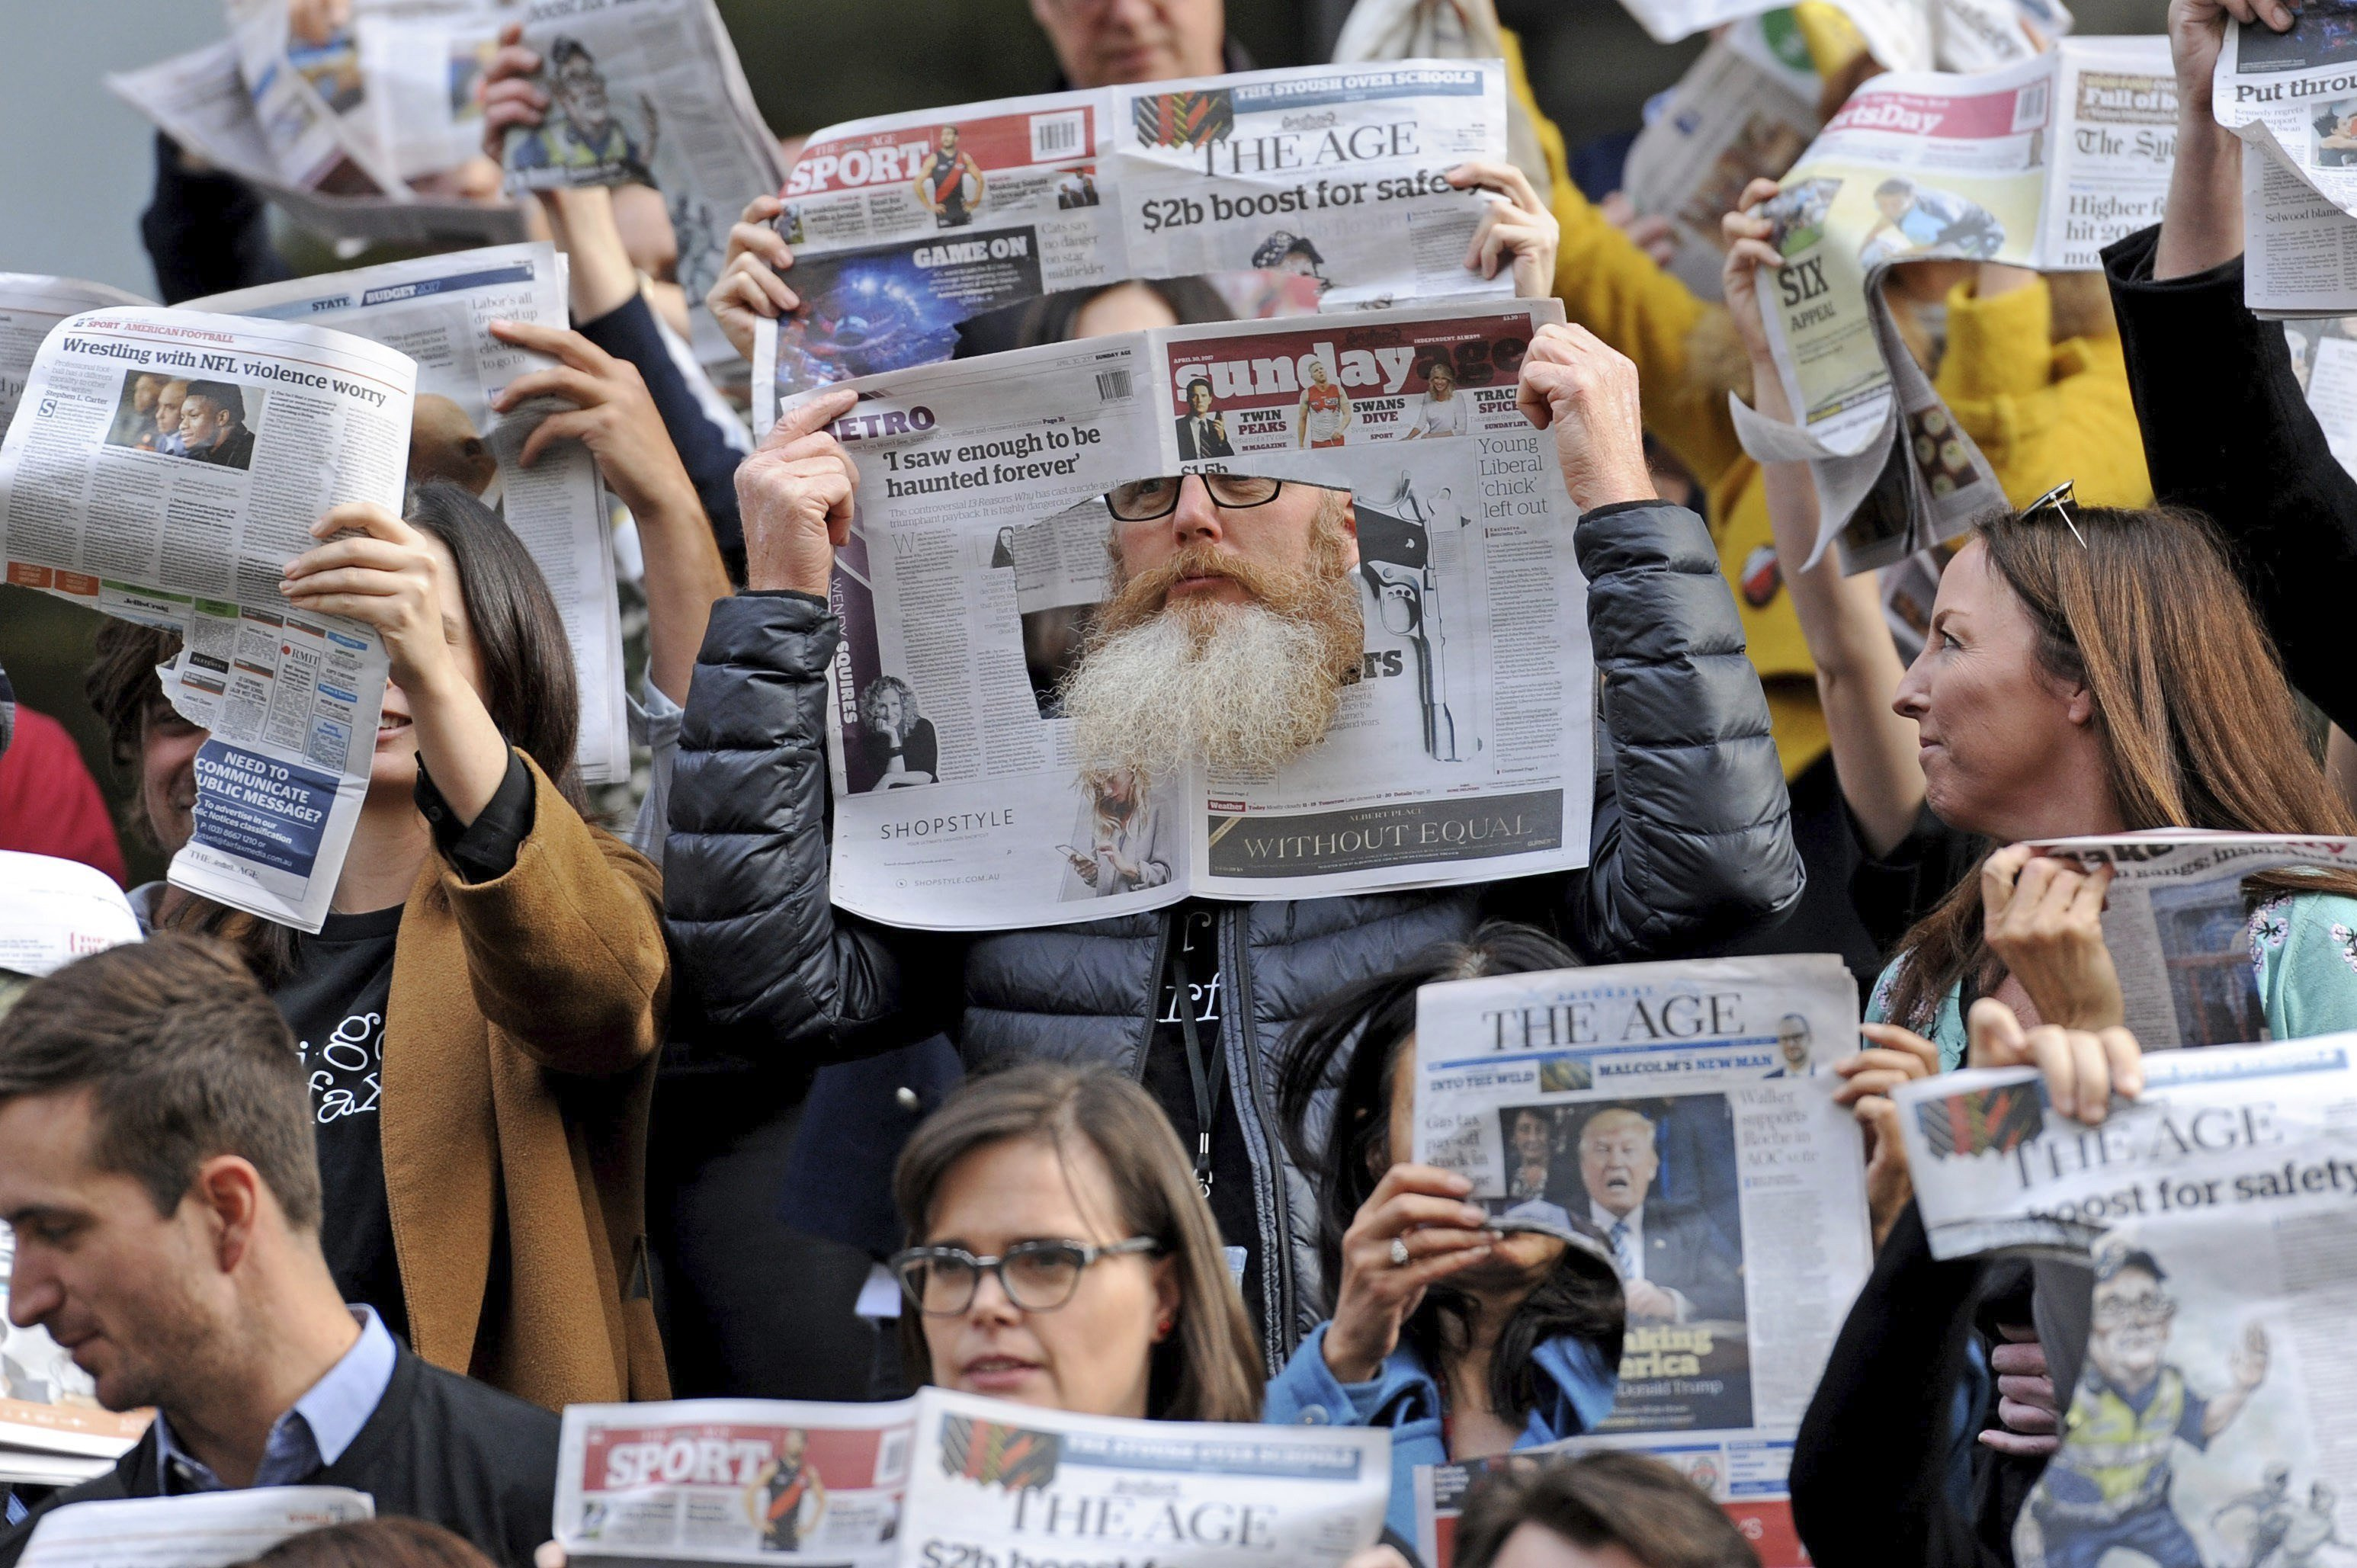 Periodistes del grup de comunicació Fairfax Media secunden una vaga durant una setmana contra la decisió d'acomiadar 125 periodistes dels diaris Sydney Morning Herald, The Age i de l'Australian Financial Review. /JOE CASTRO